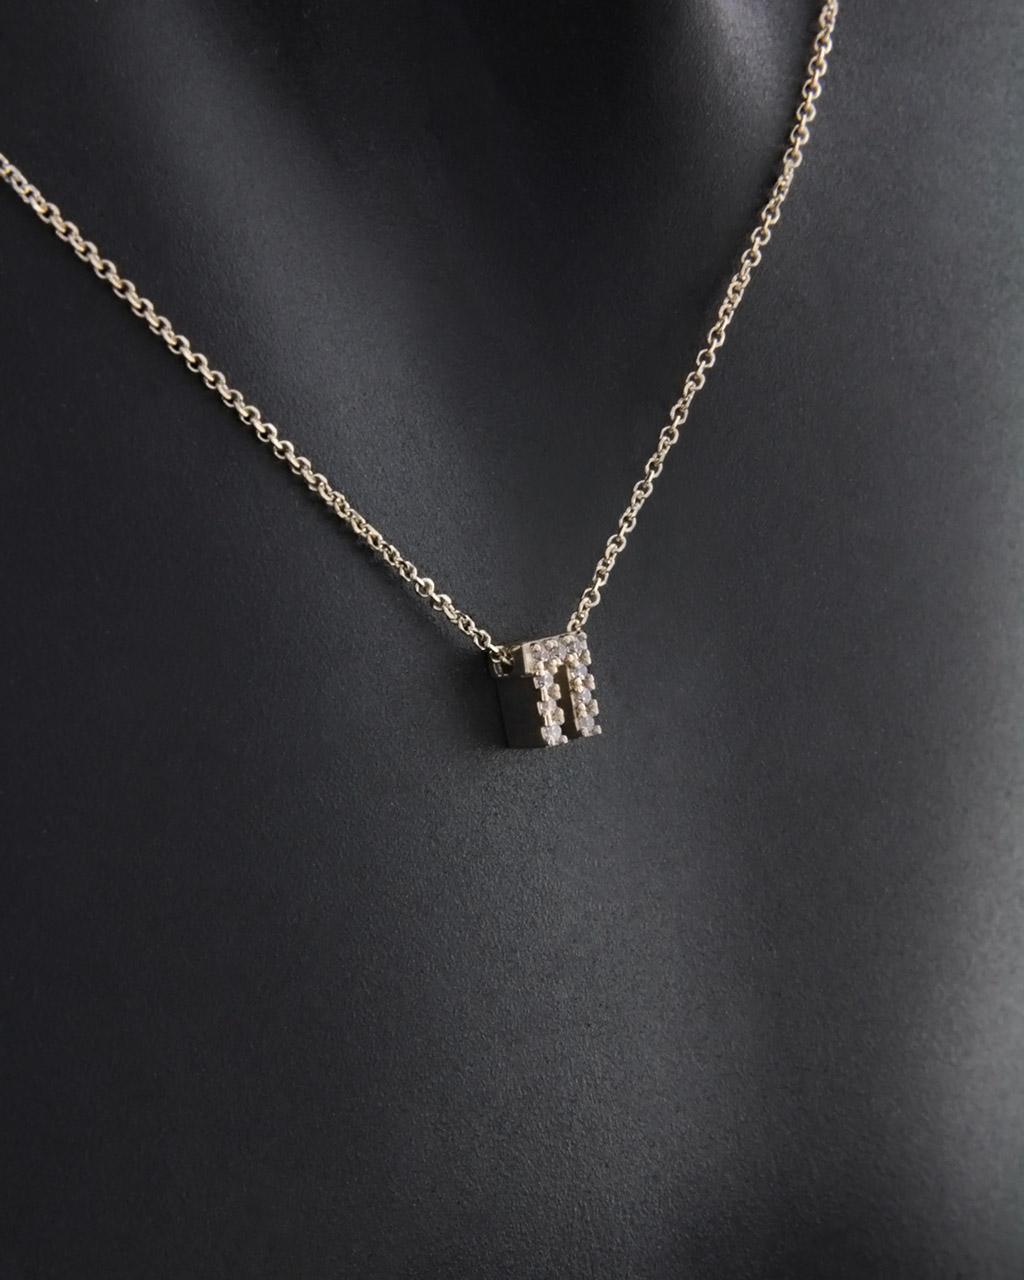 """Μονόγραμμα """"Π"""" χρυσό Κ9 με Ζιργκόν   γυναικα κρεμαστά κολιέ κρεμαστά κολιέ μονόγραμμα"""